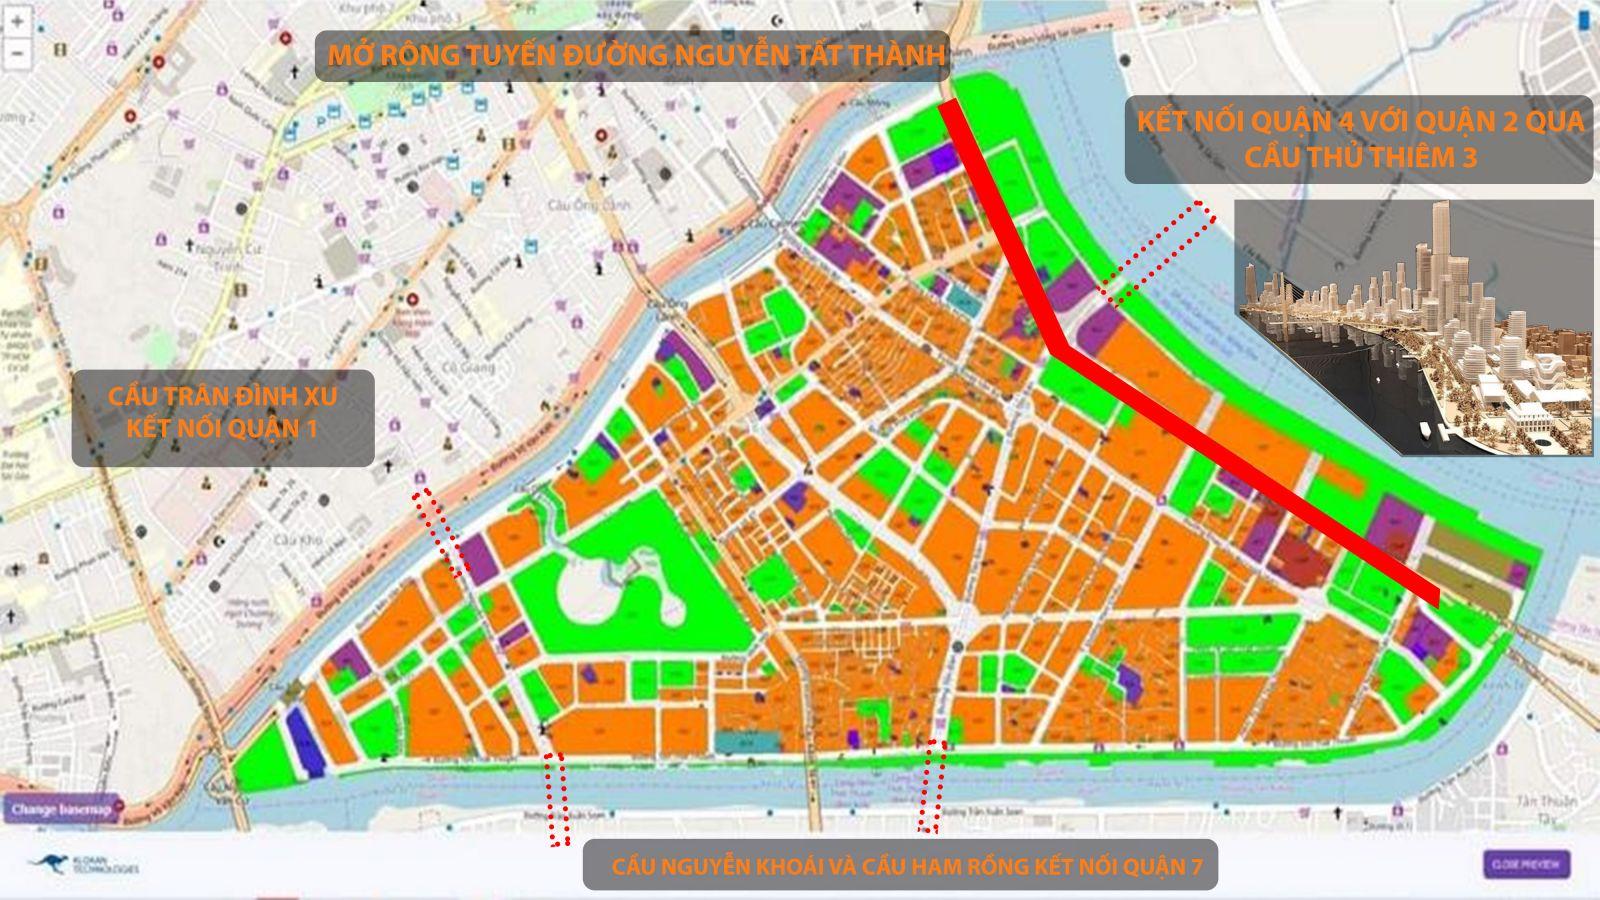 Quy hoạch Quận 4 và các tác động tăng giá dự án Sunshine Horizon Quận 4